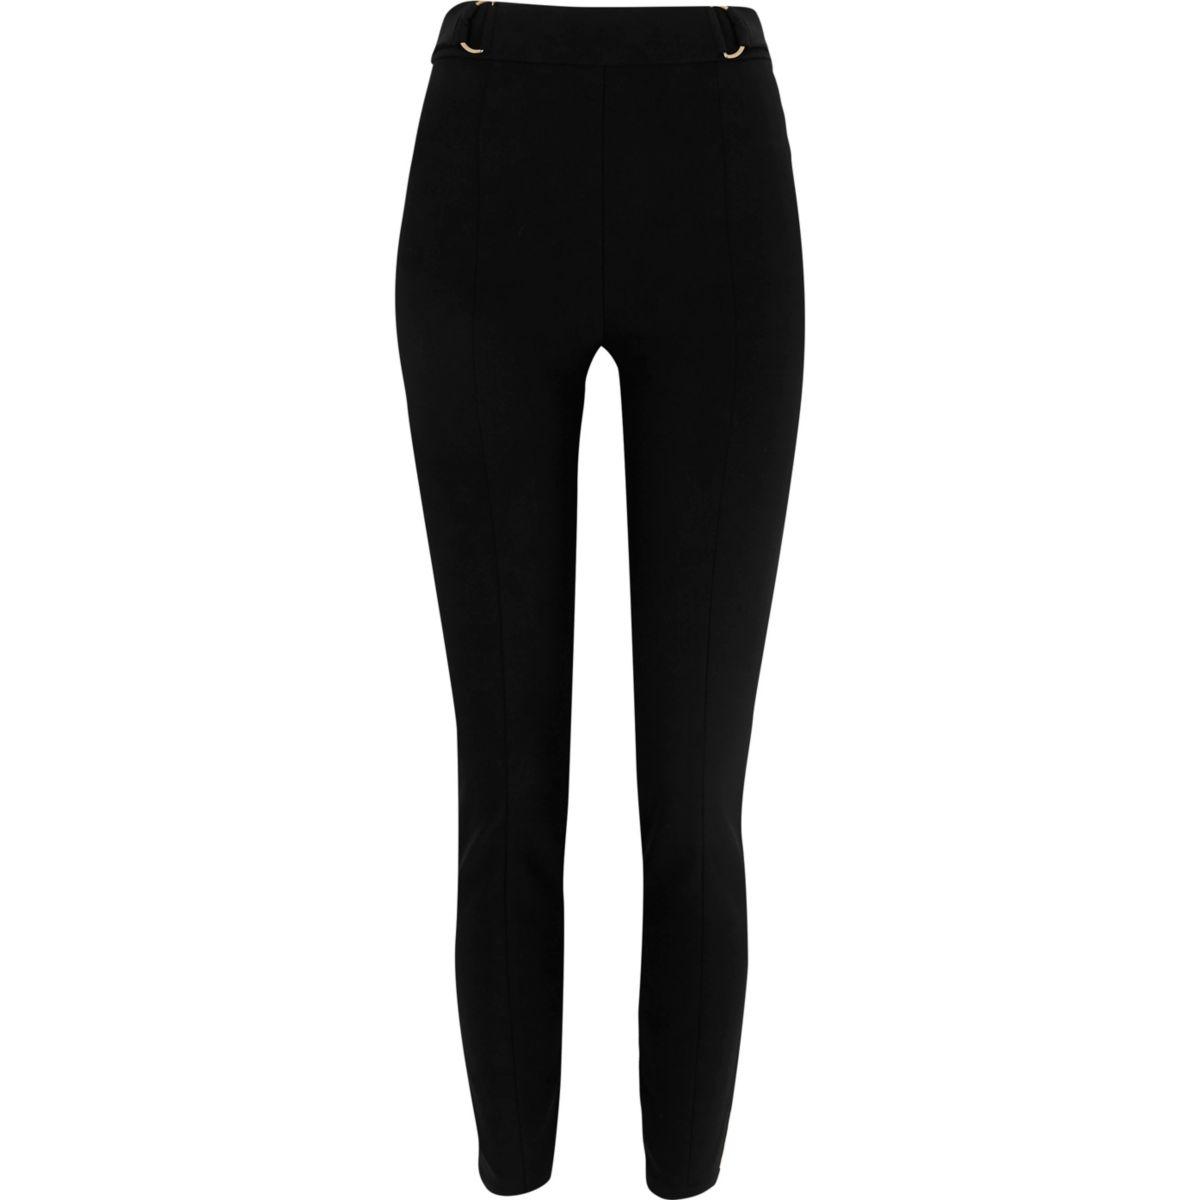 Pantalon skinny taille haute noir avec anneau